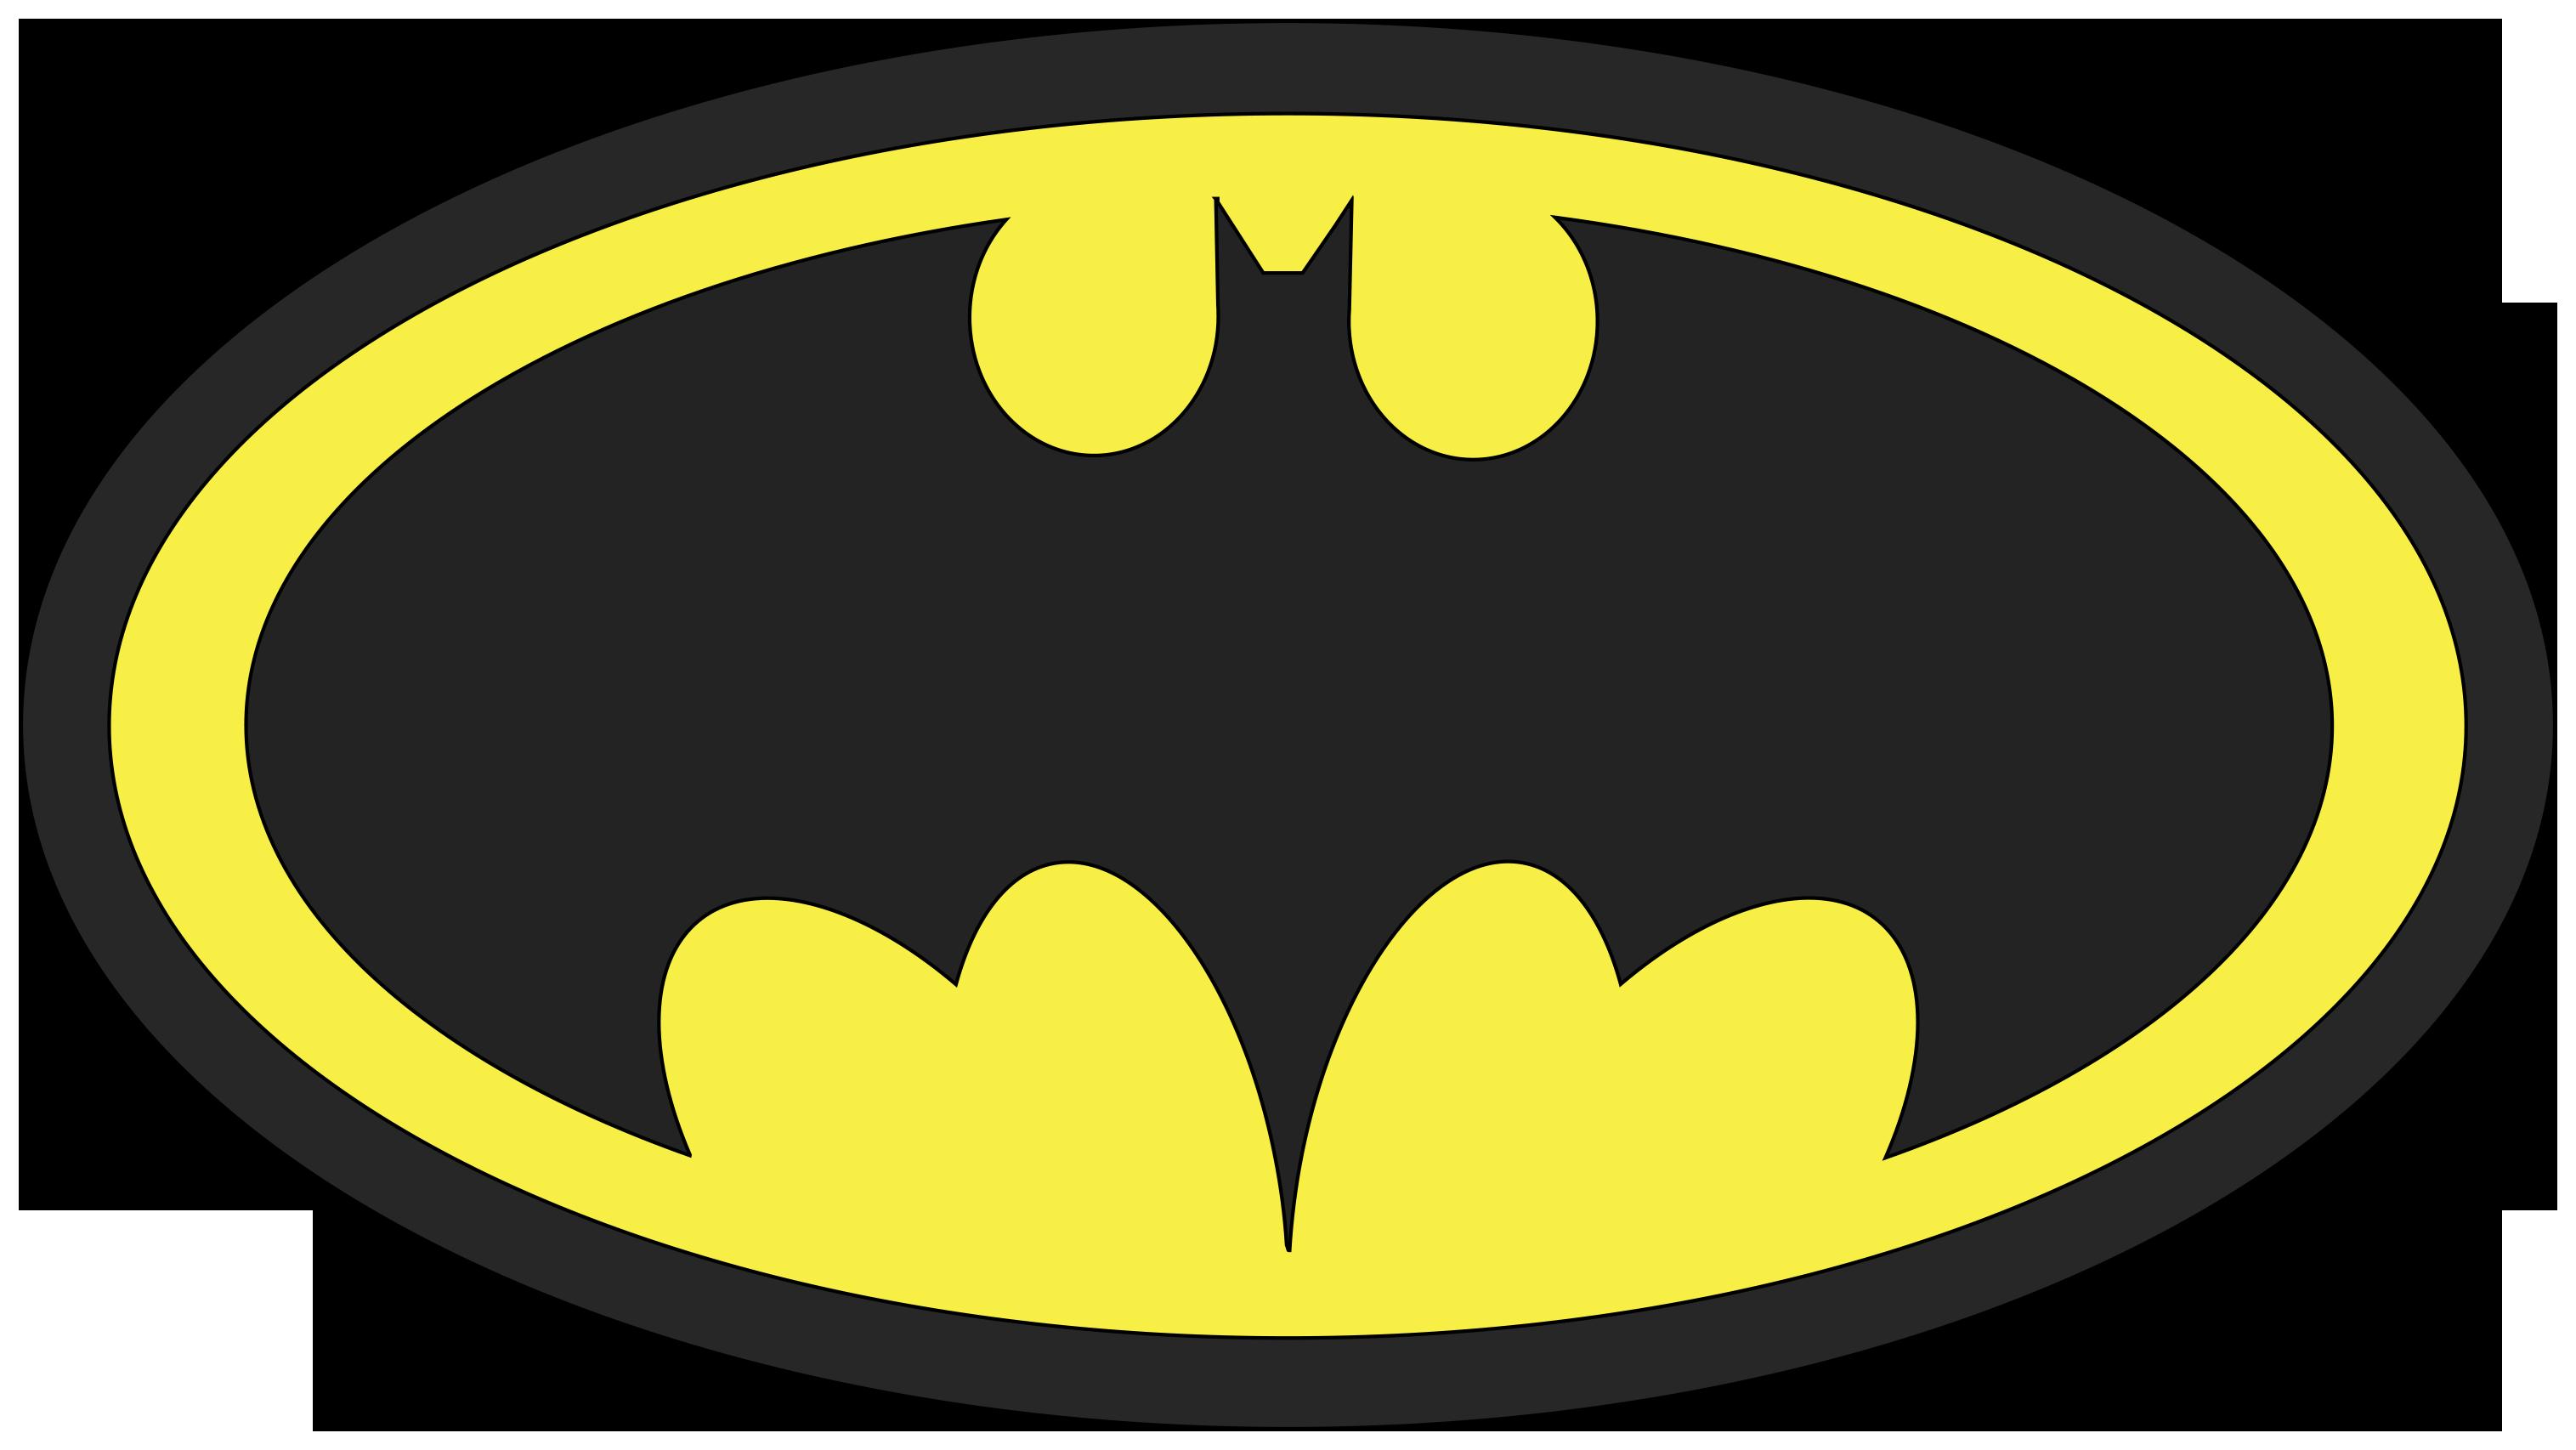 Vector logo cliparts co. Batman clipart emoji